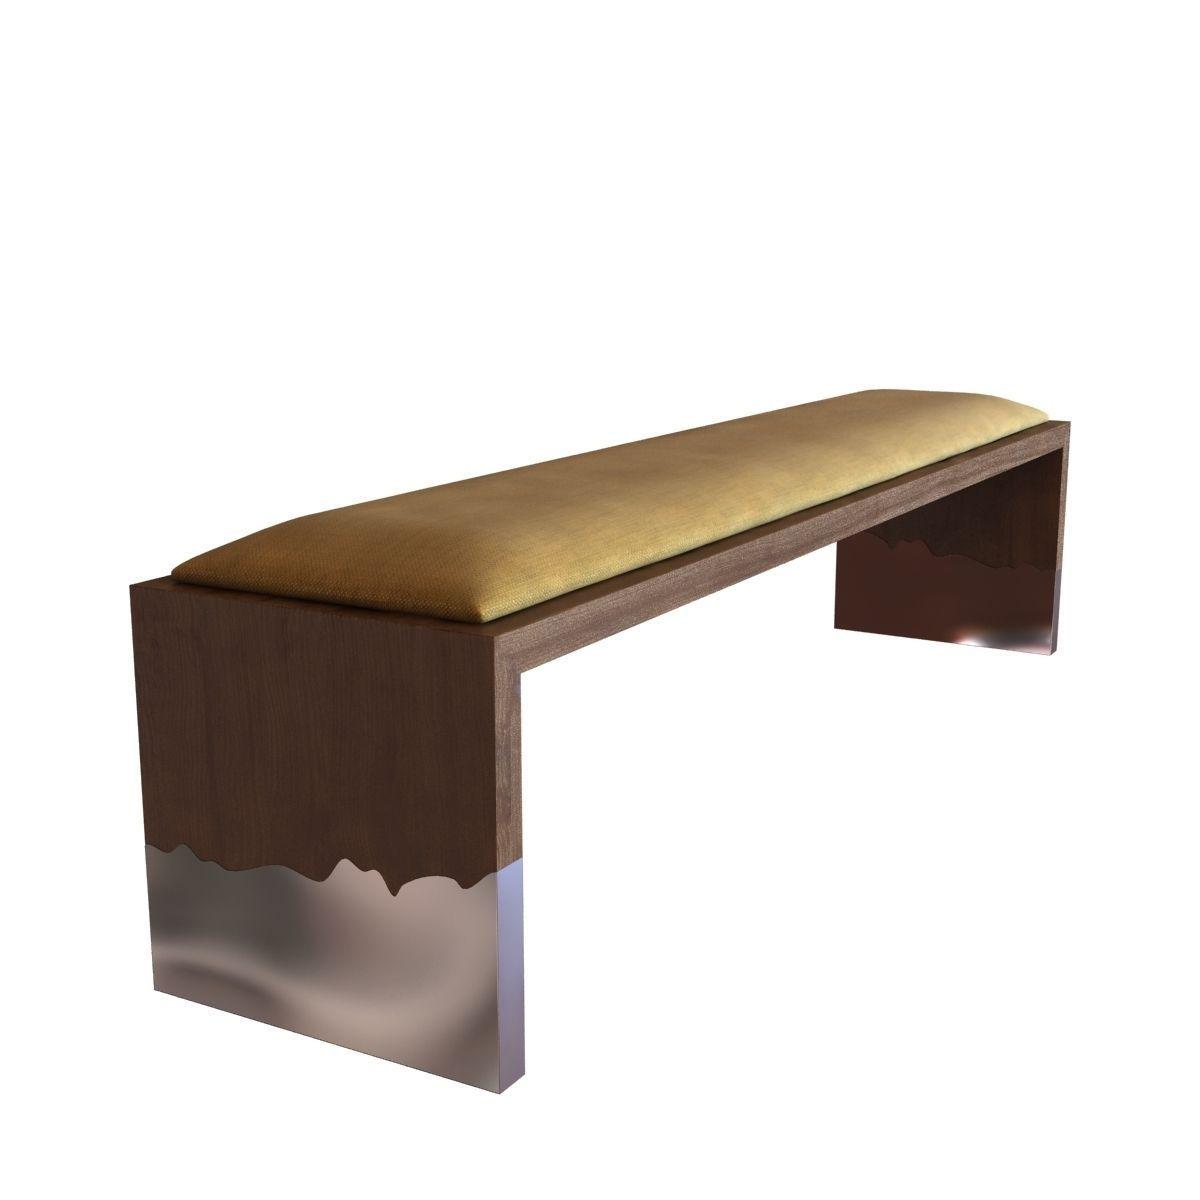 Hudson Furniture Dipped Bench 3d Model Max Obj 3ds Fbx Mtl 1 ...